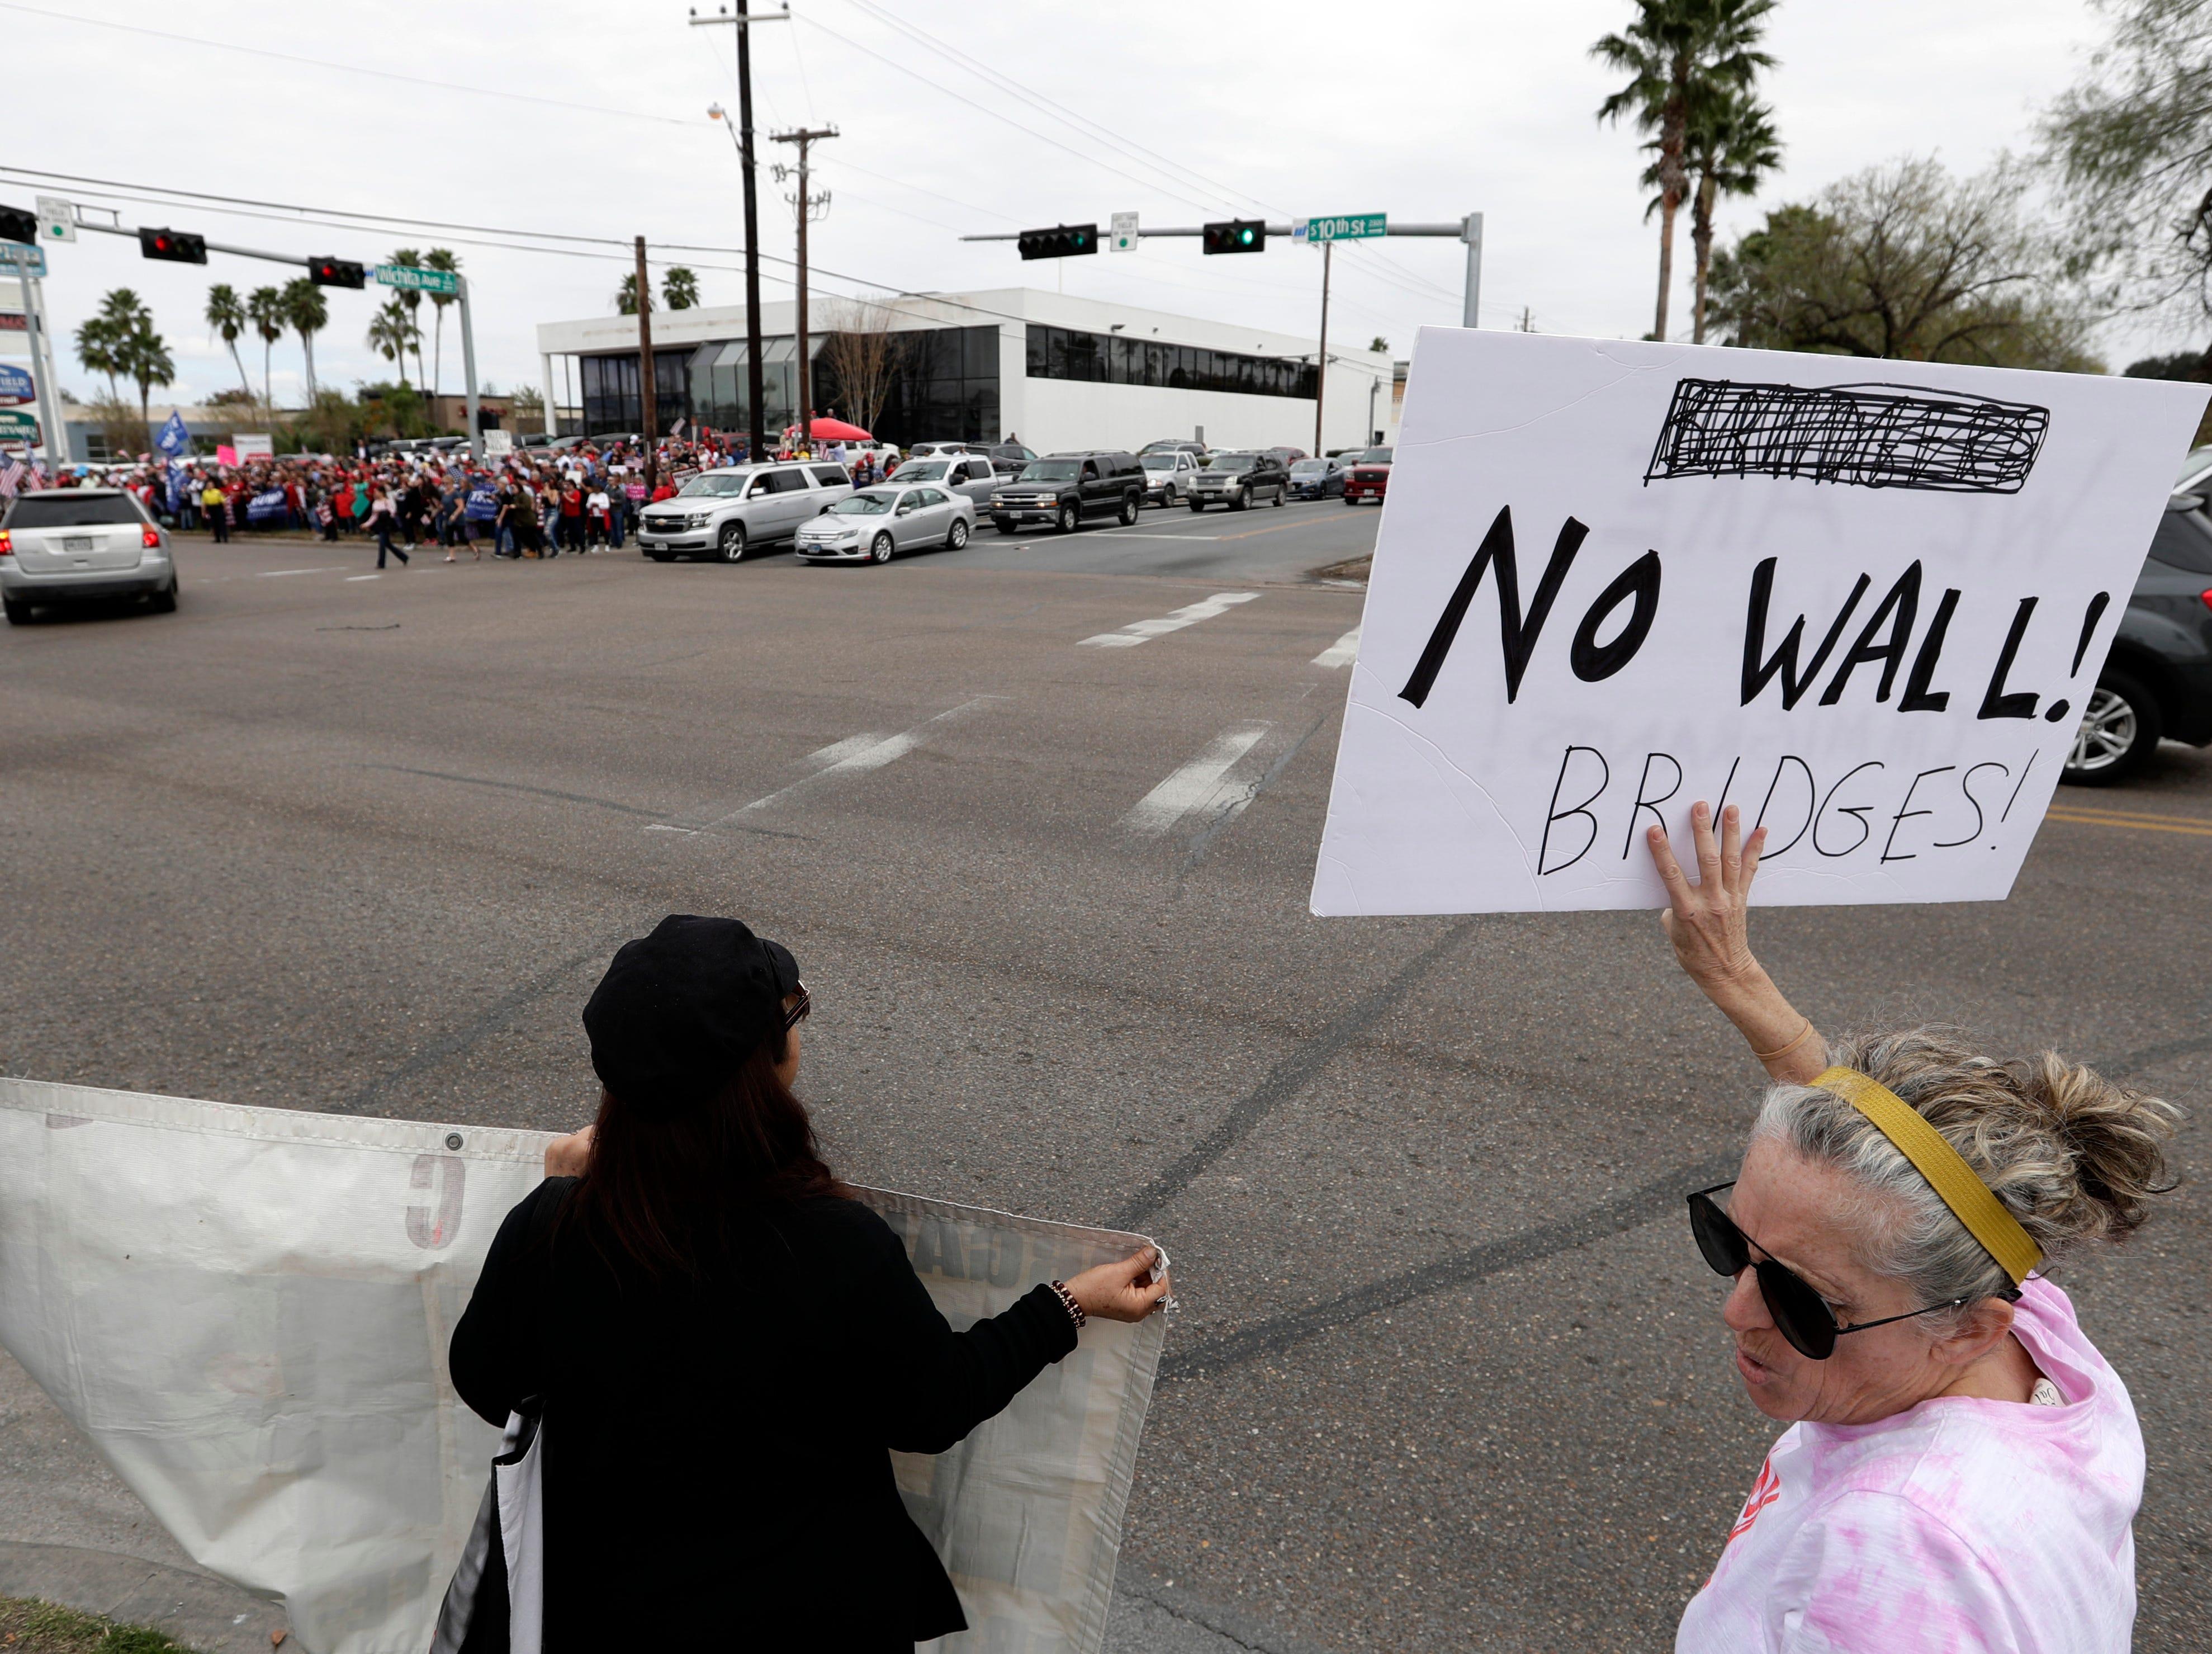 El presidente de EEUU traslada la batalla por el cierre parcial del gobierno a la frontera con México el 10 de enero, de 2018, en un intento por reforzar su caso sobre la necesidad de levantar un muro en la zona luego de que las negociaciones con los demócratas estallaron por sus exigencias.